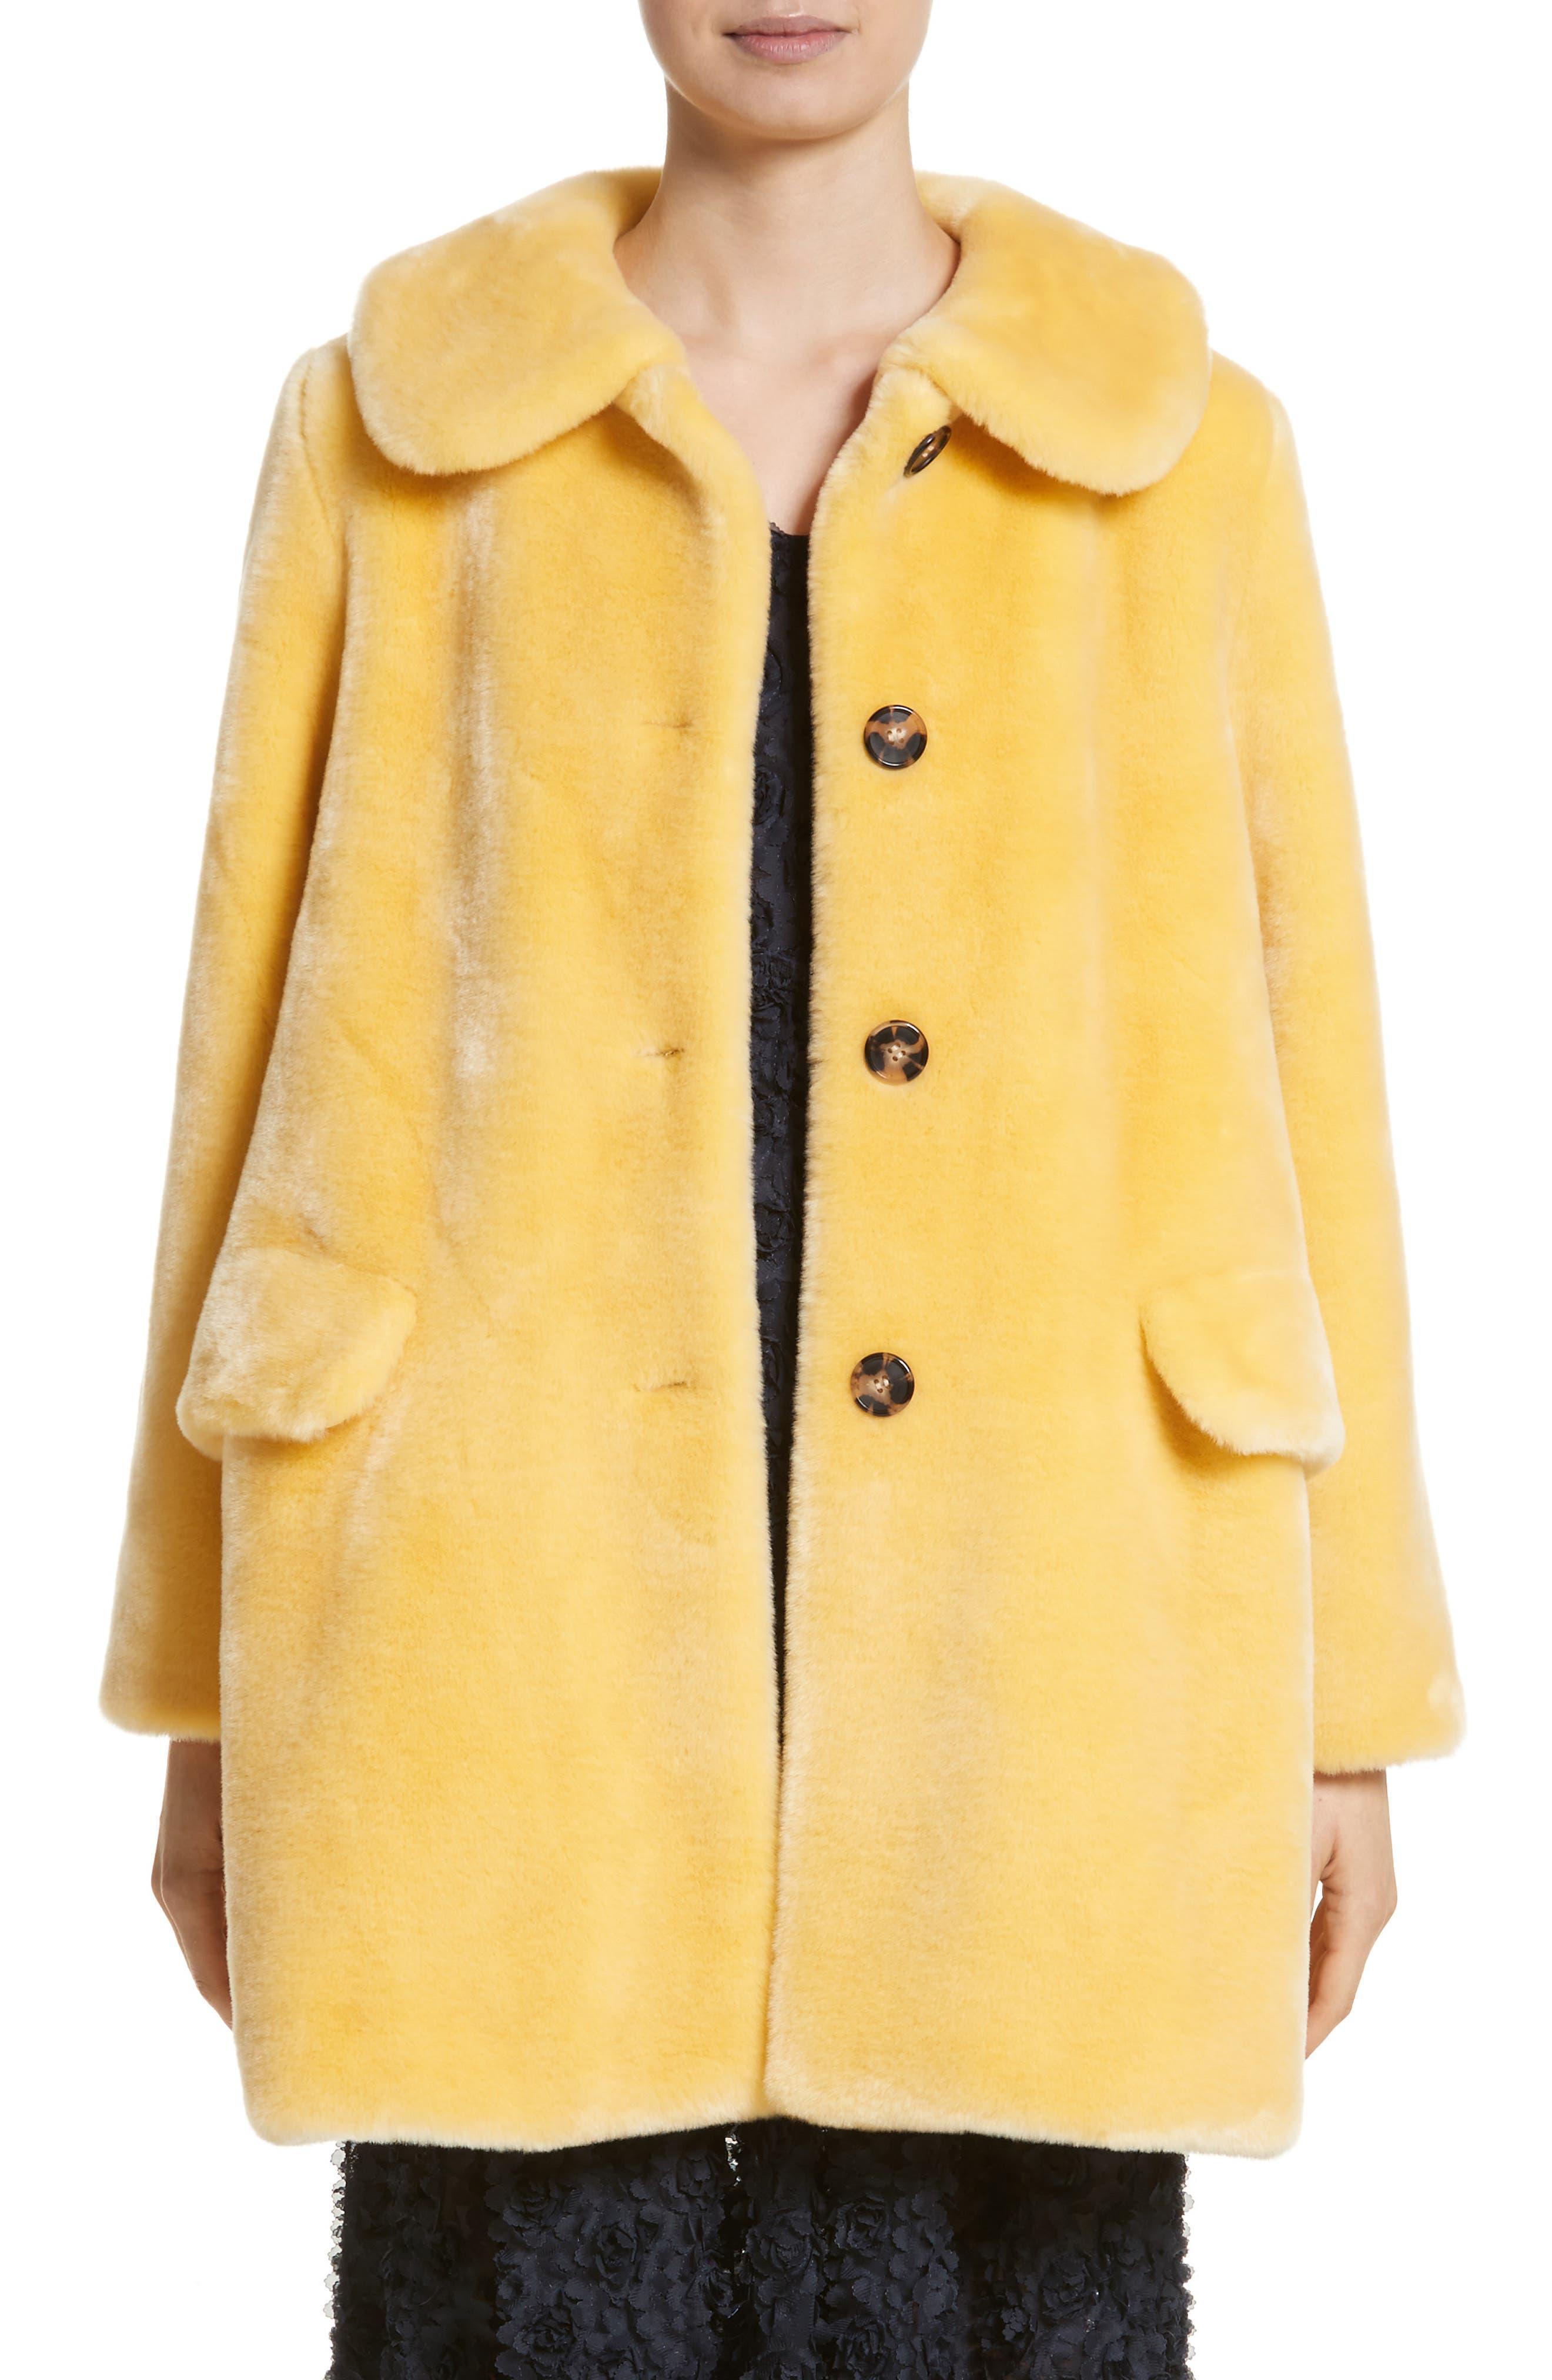 Pyrus Oversized Faux Fur Coat,                         Main,                         color, Lemon